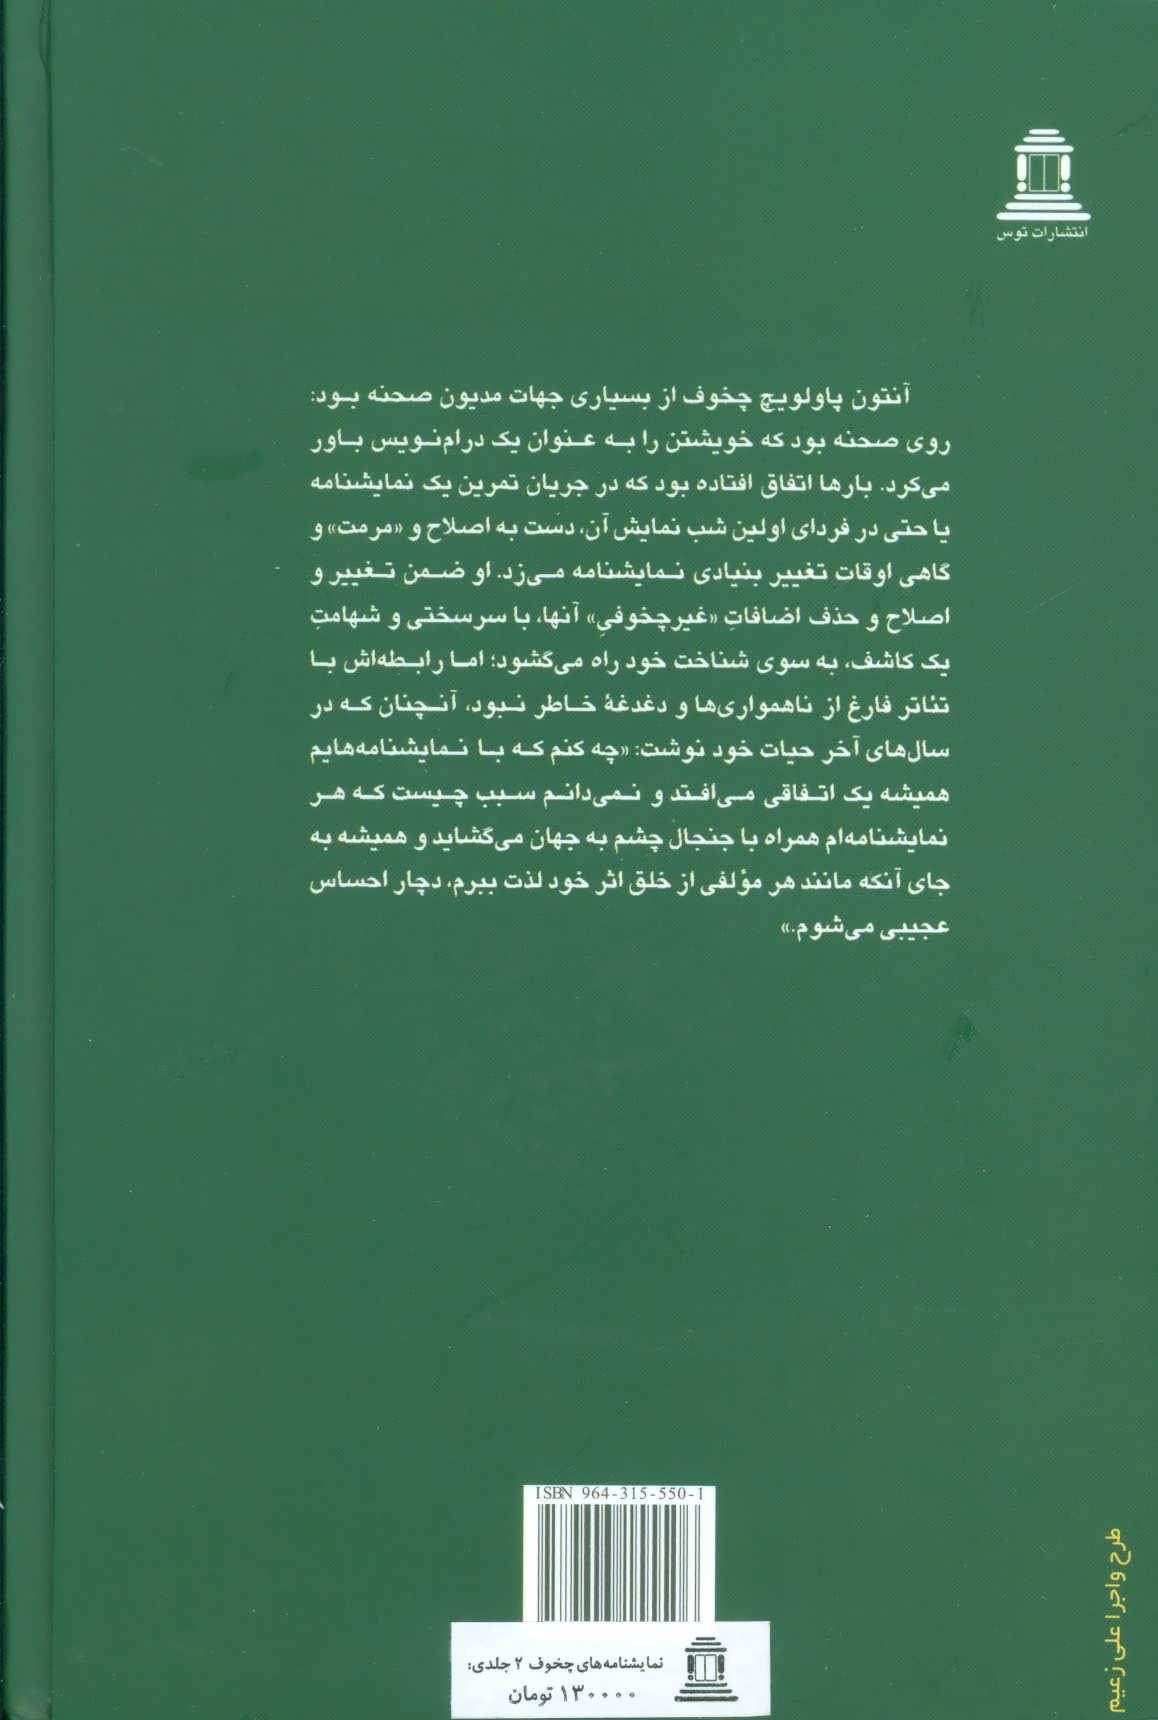 مجموعه آثار چخوف:نمایشنامه ها (جلدهای 6و7)،(2جلدی)